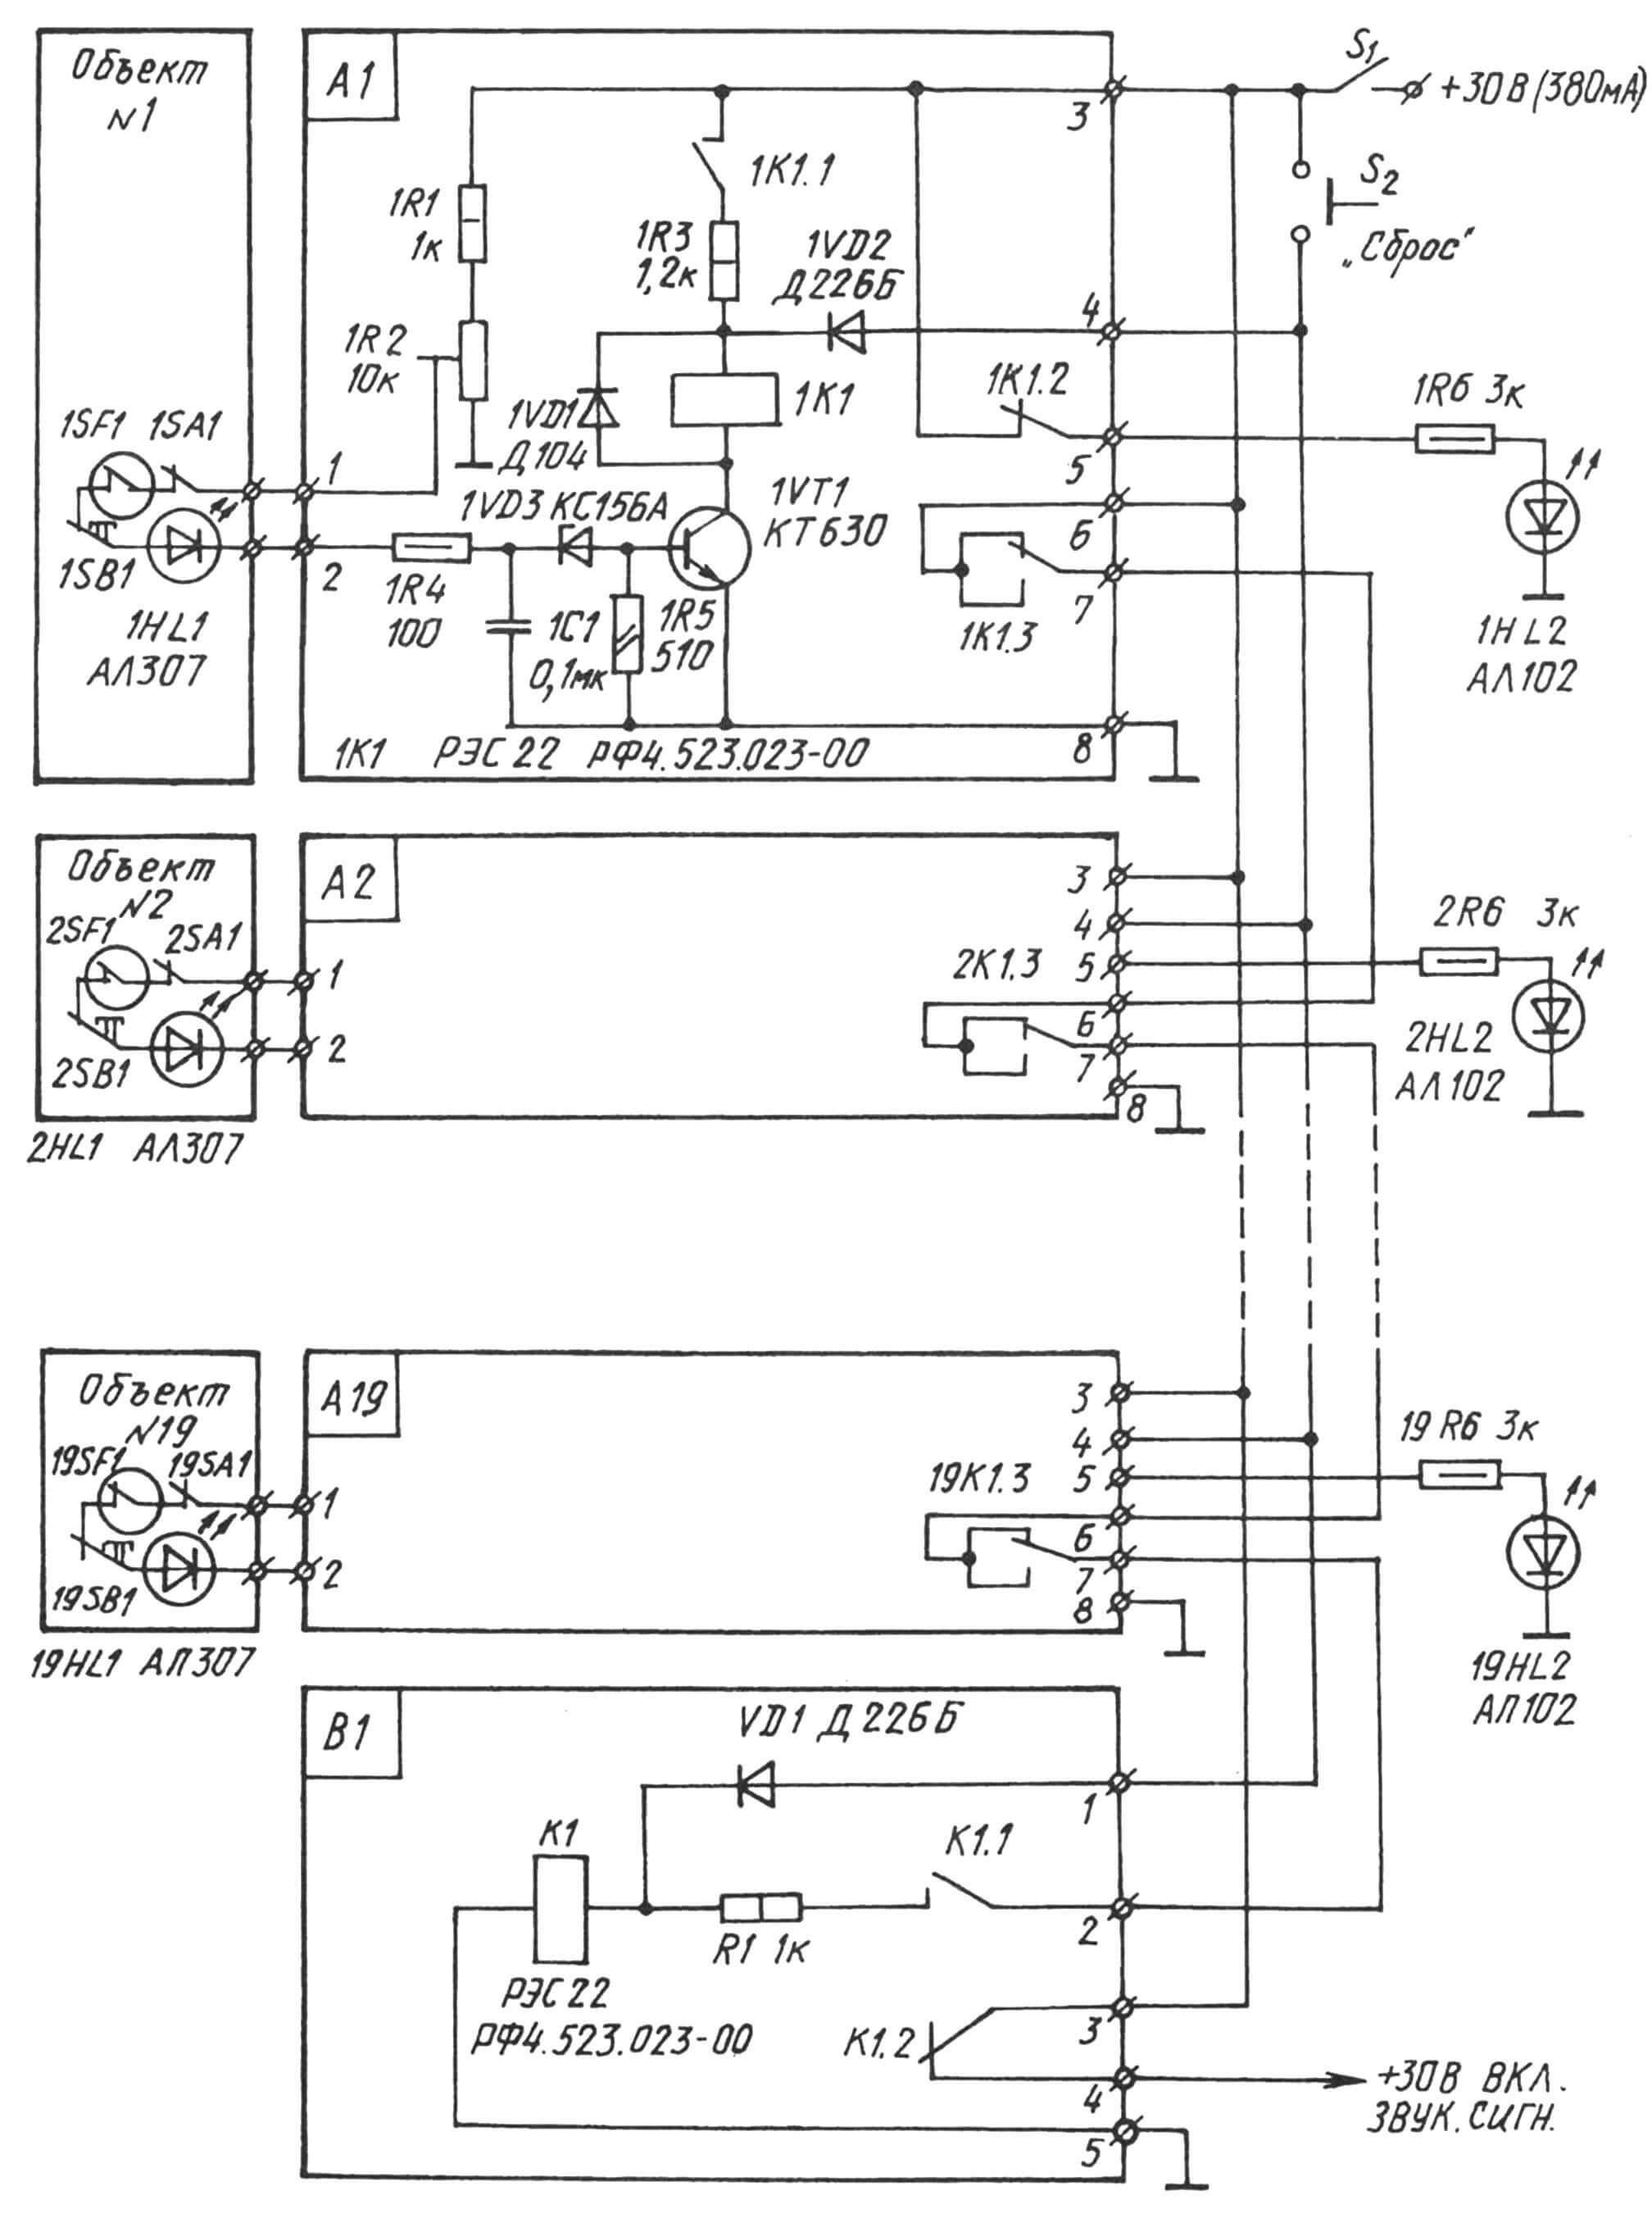 Принципиальная электрическая схема охранной сигнализации